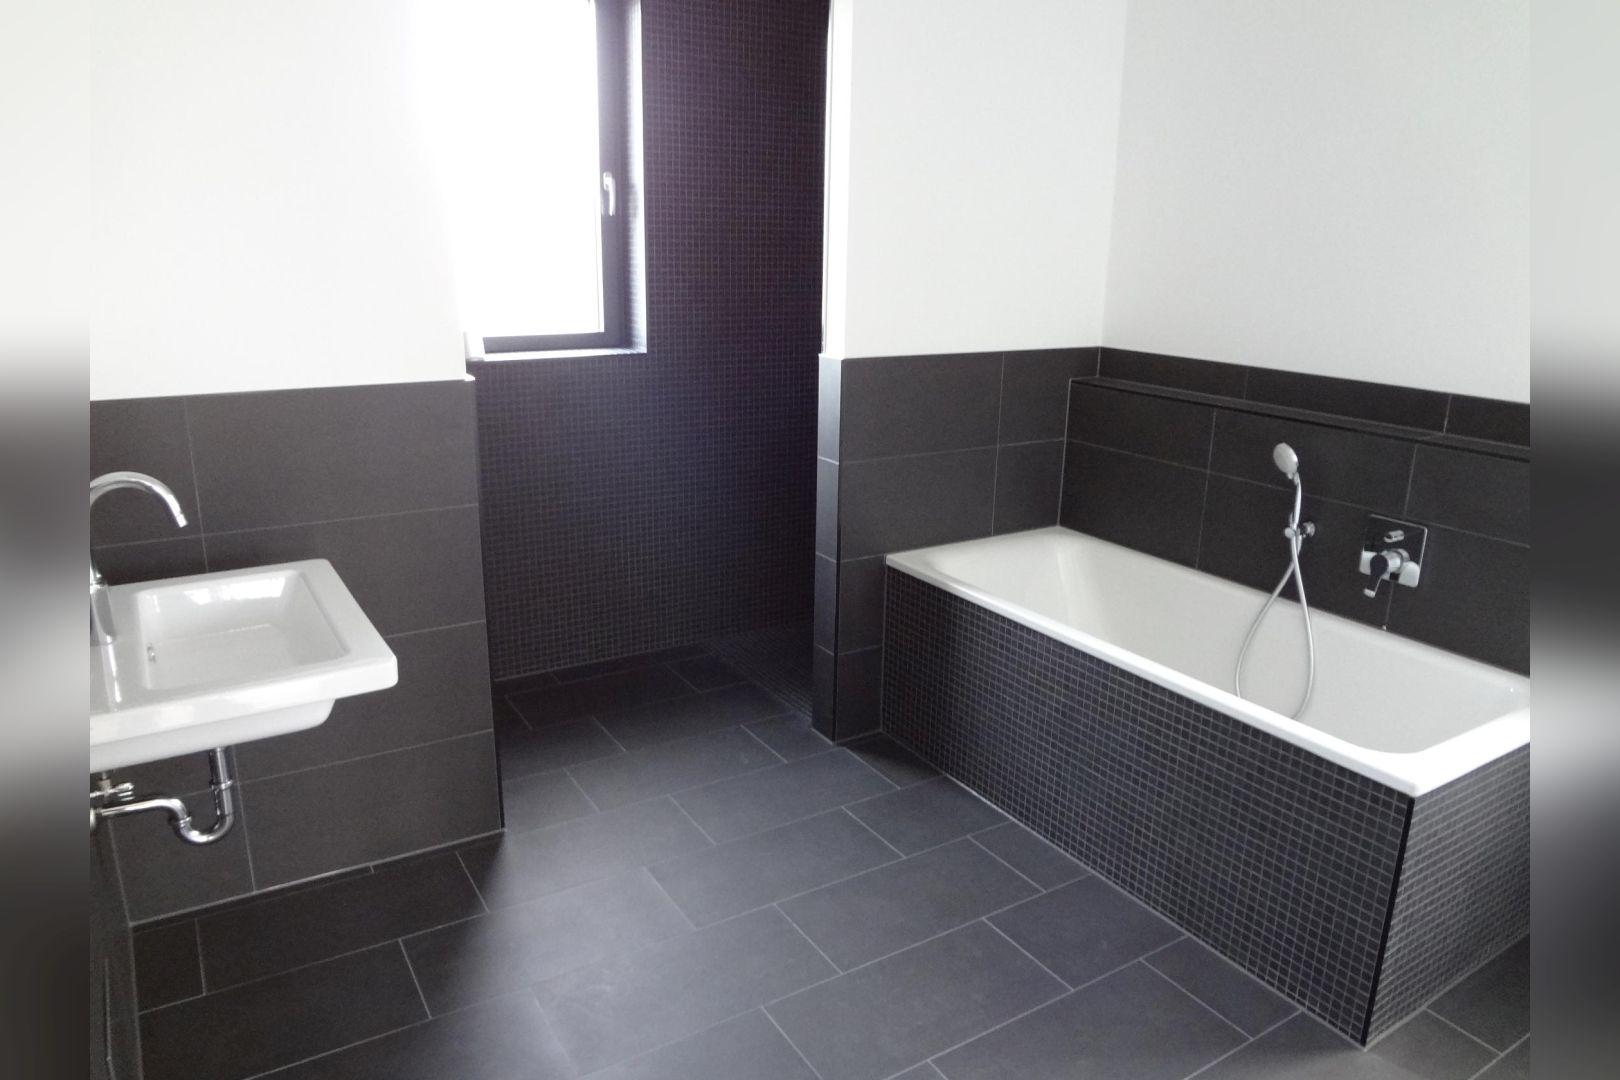 Immobilie Nr.0285 - 3-Zimmer-Maisonettewohnung mit Dachterrasse und TG-Stellplatz - Bild 11.jpg